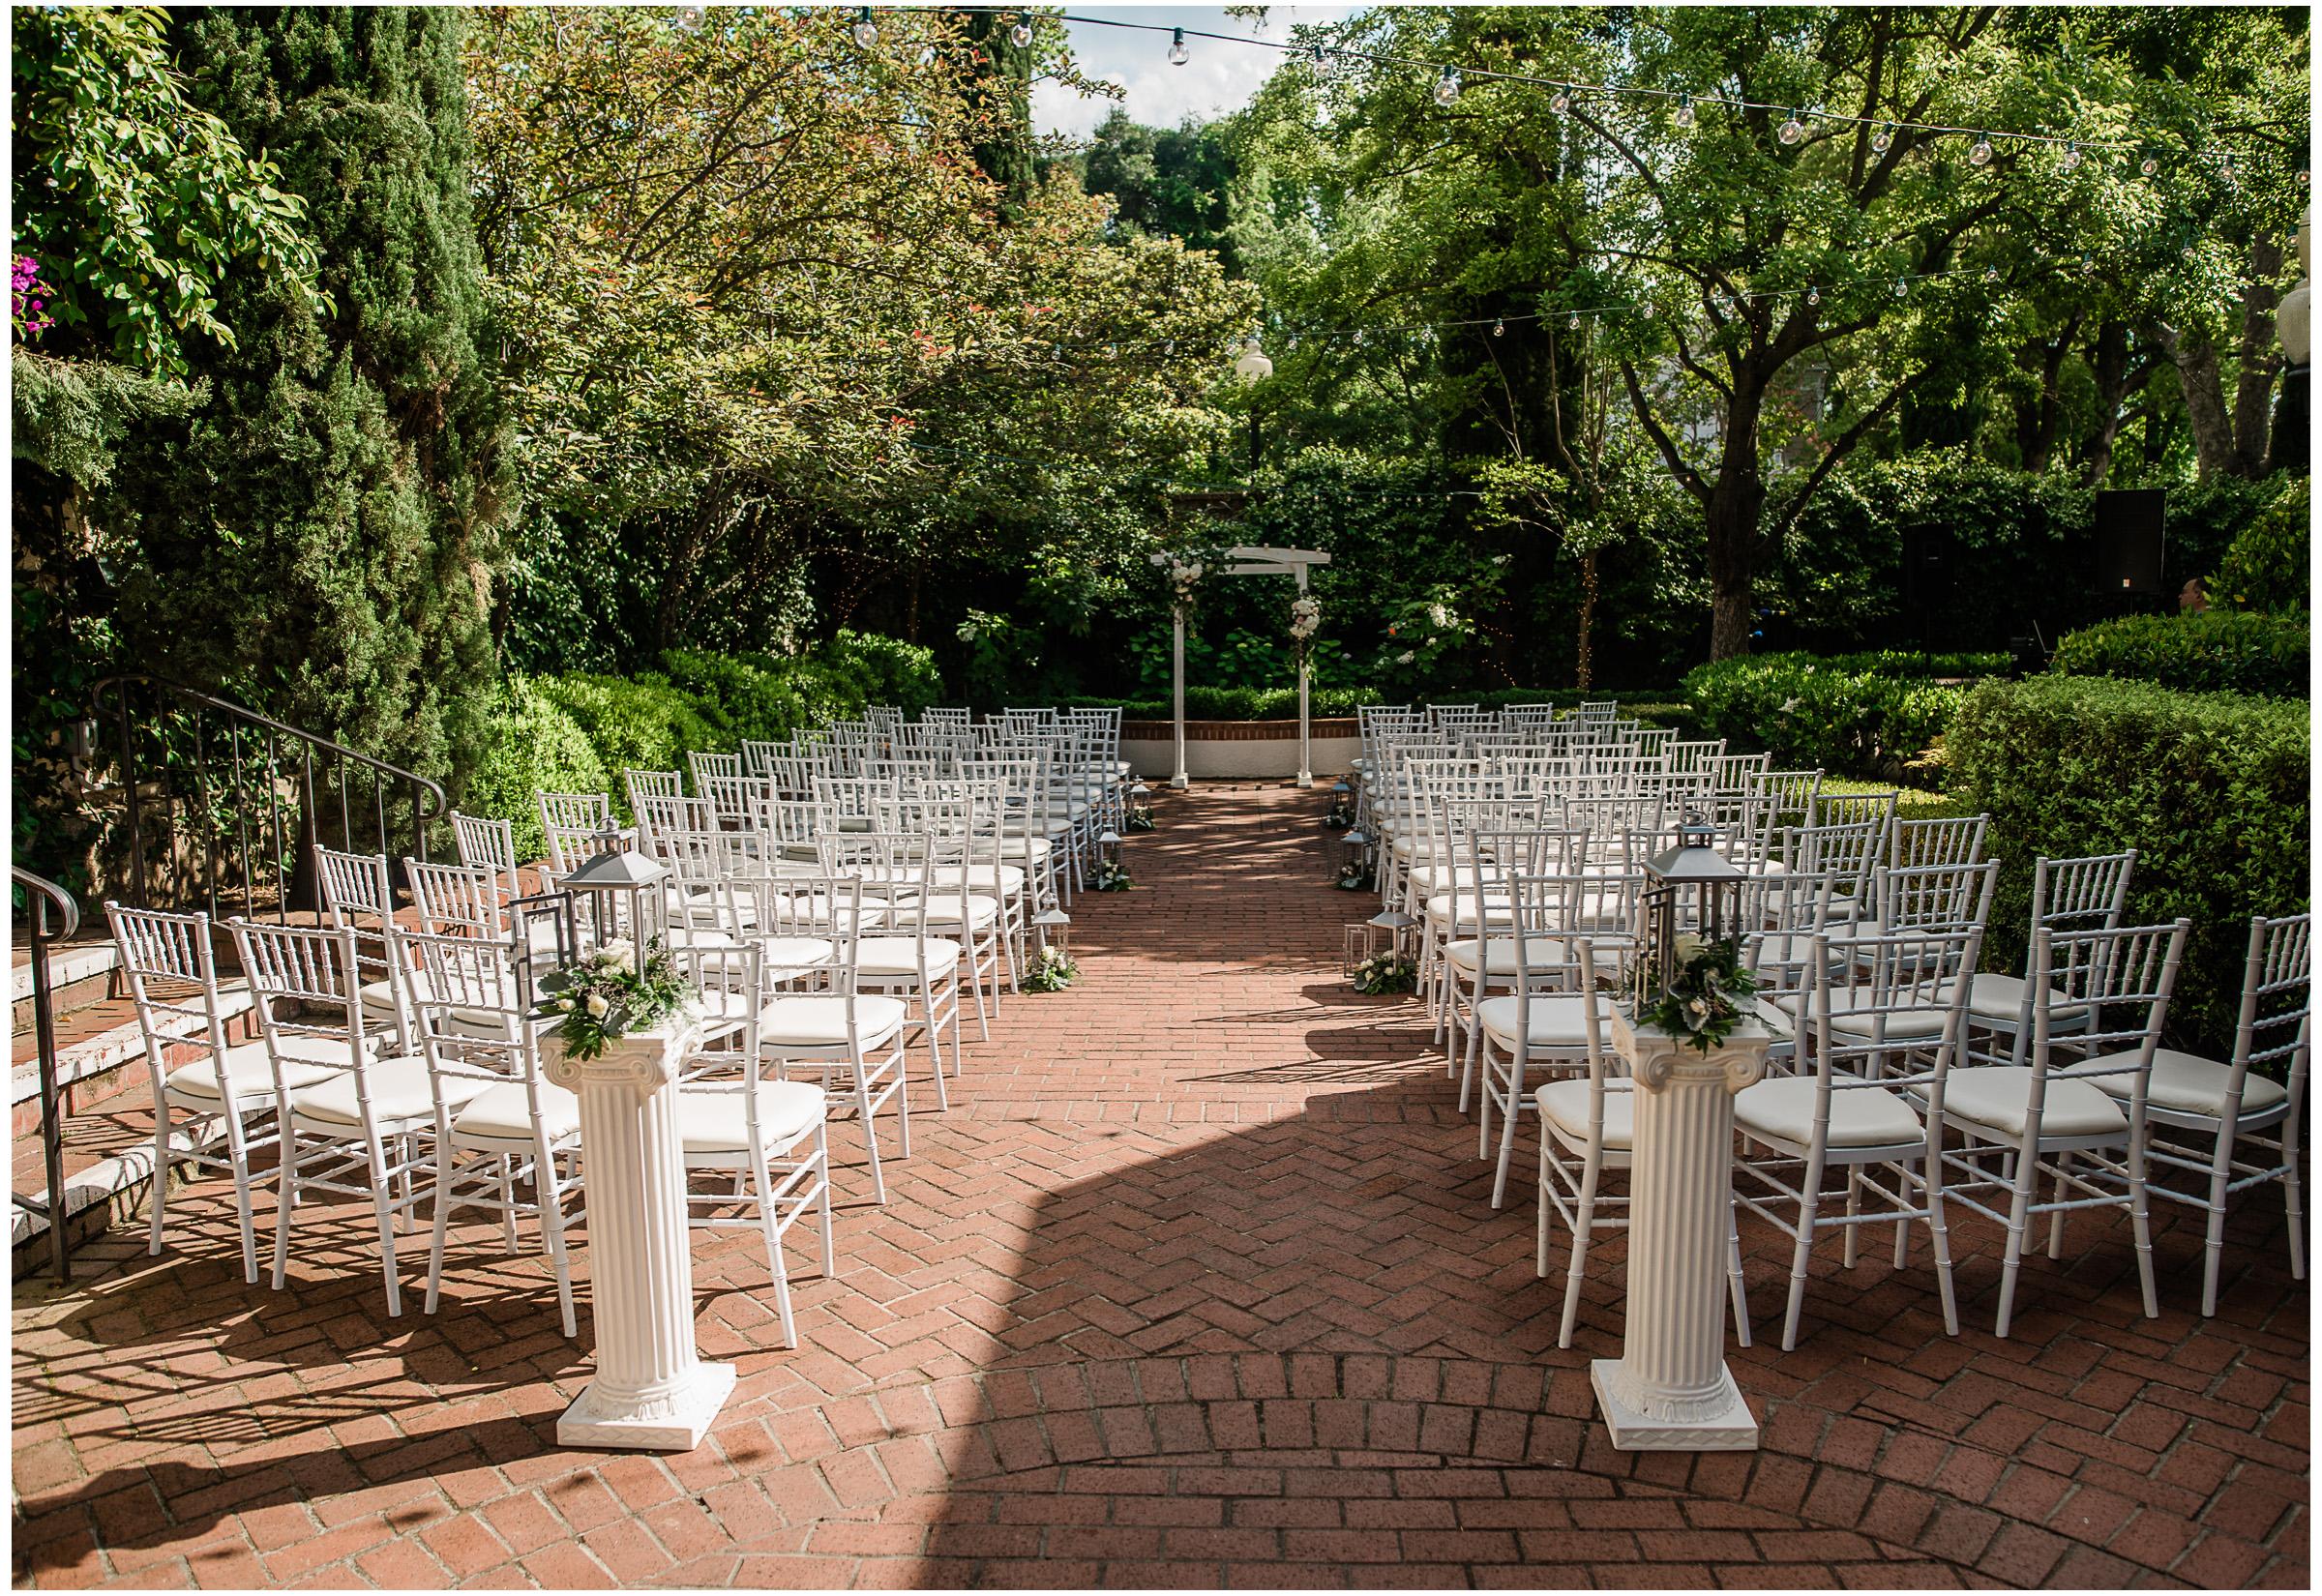 Sacramento Wedding - Sacramento Photographer - Vizcaya - Justin Wilcox Photography - 1.jpg